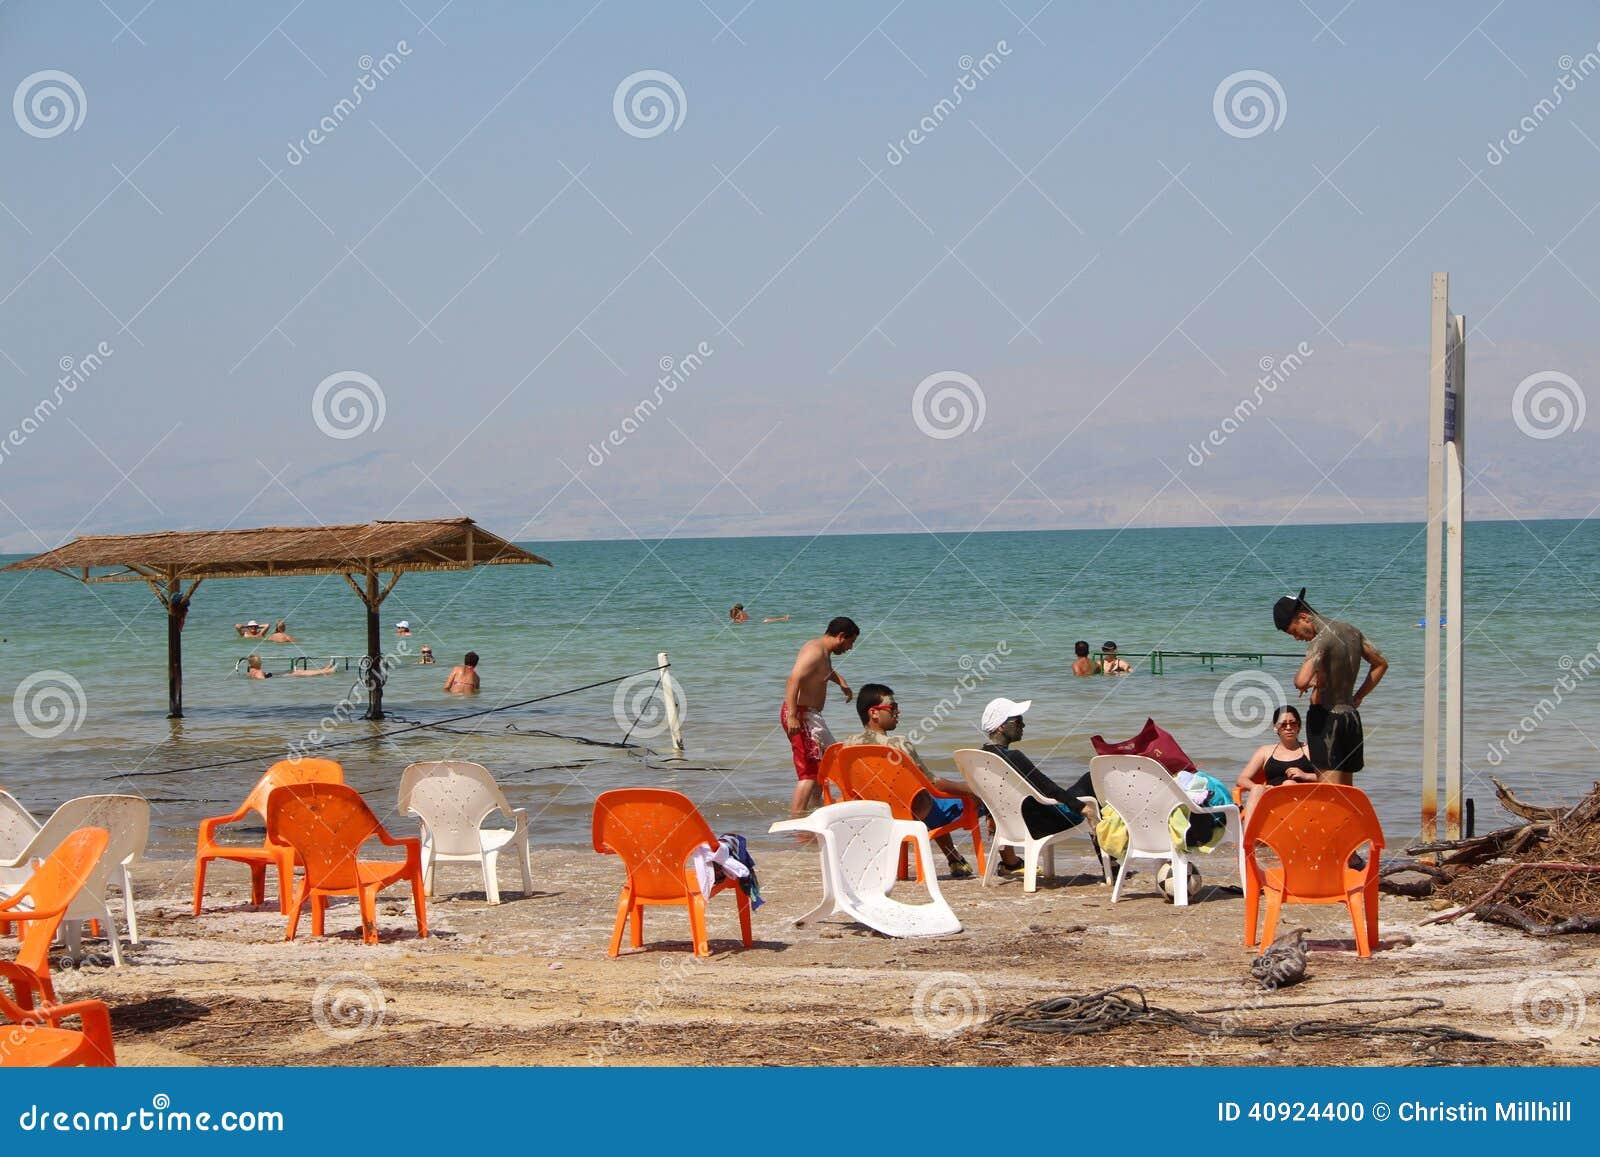 Dead Sea Swimming in Israel